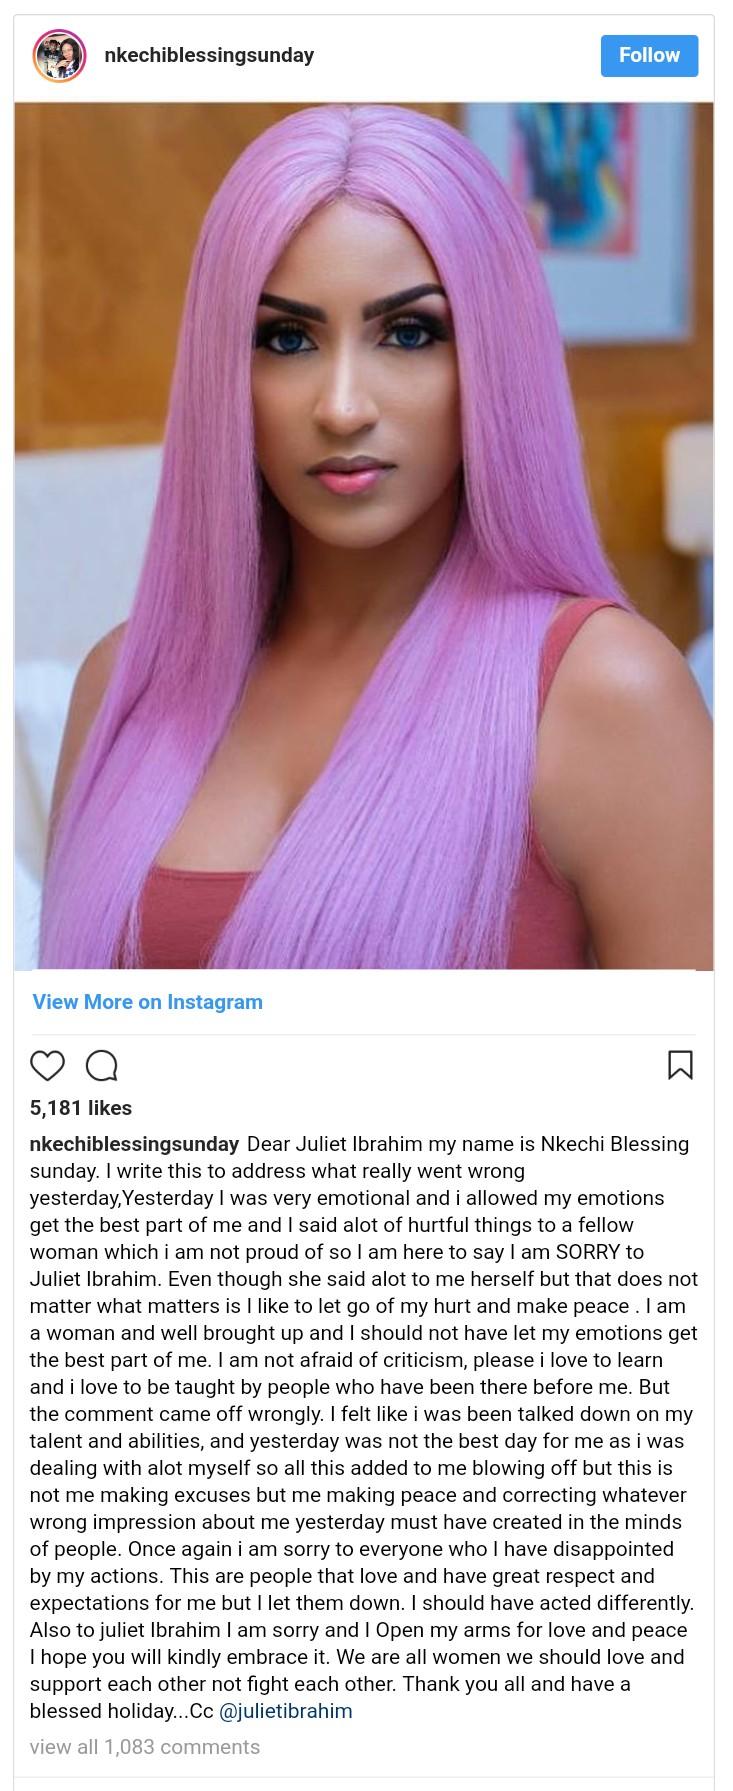 Nkechi Blessing Sunday Apologizes To Juliet Ibrahim (2)